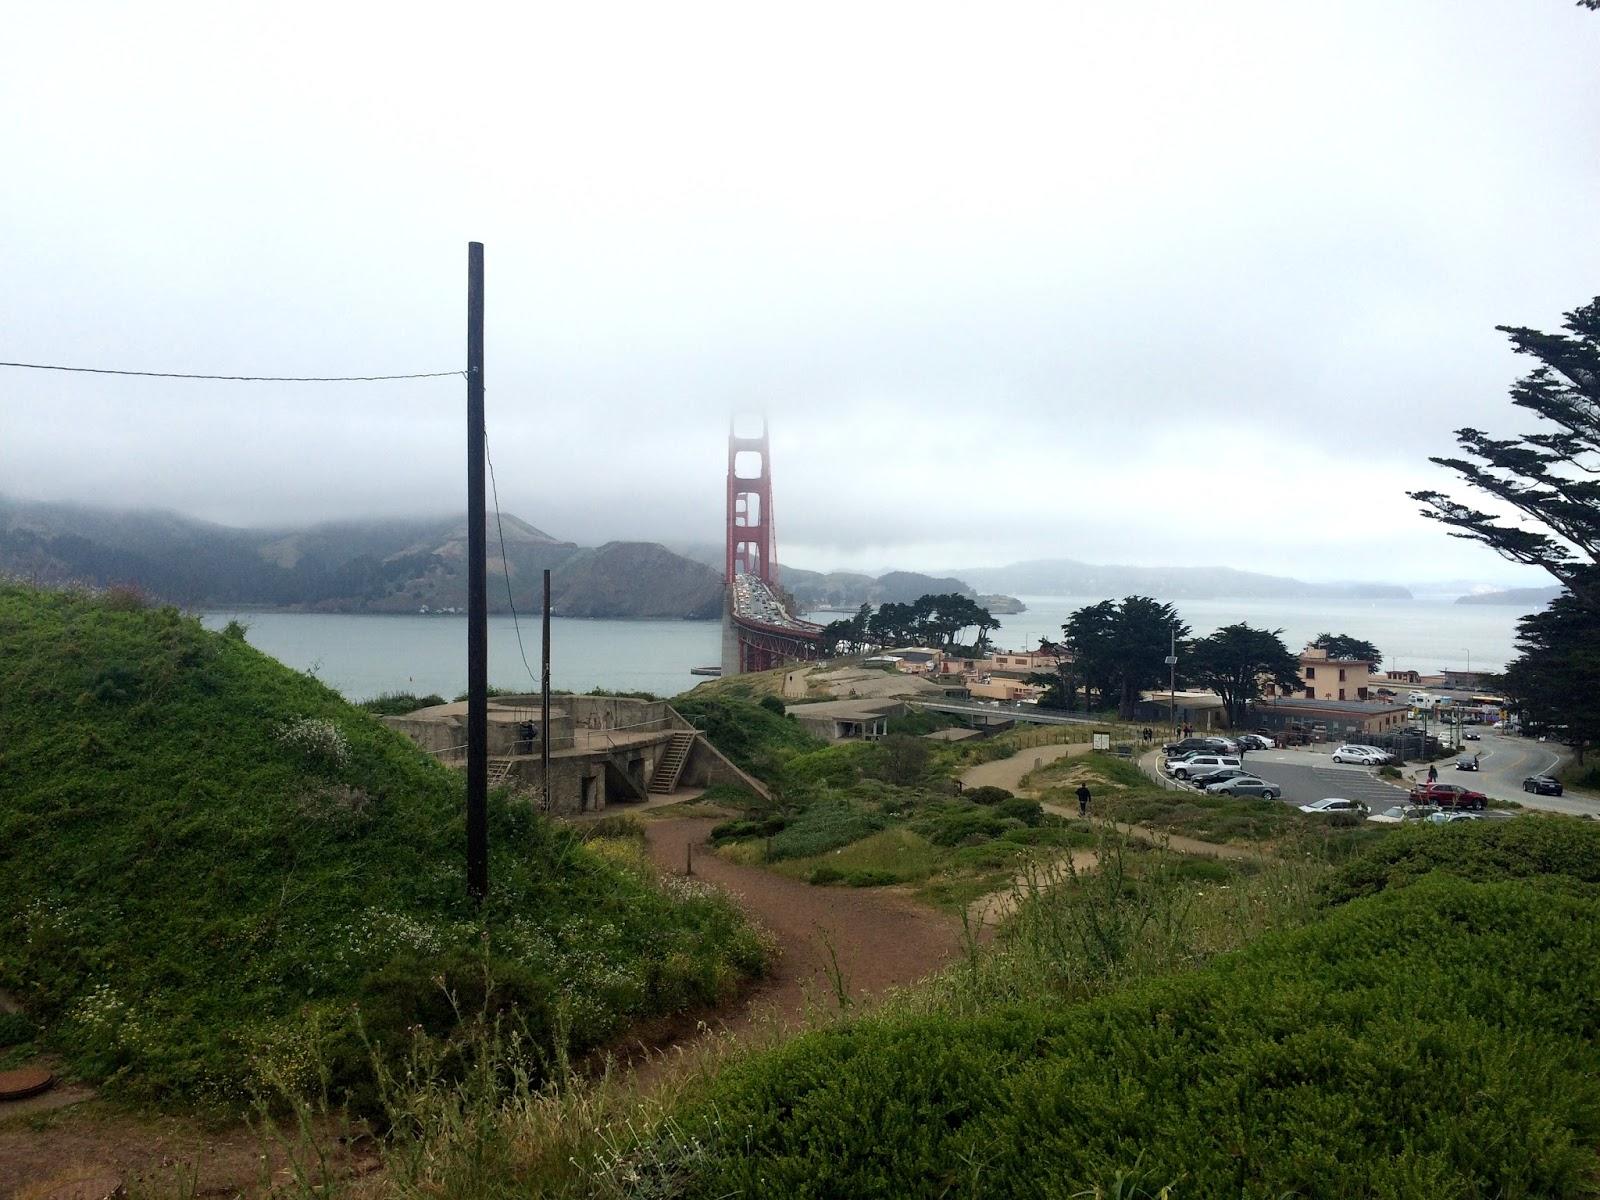 Visiting San Francisco by car